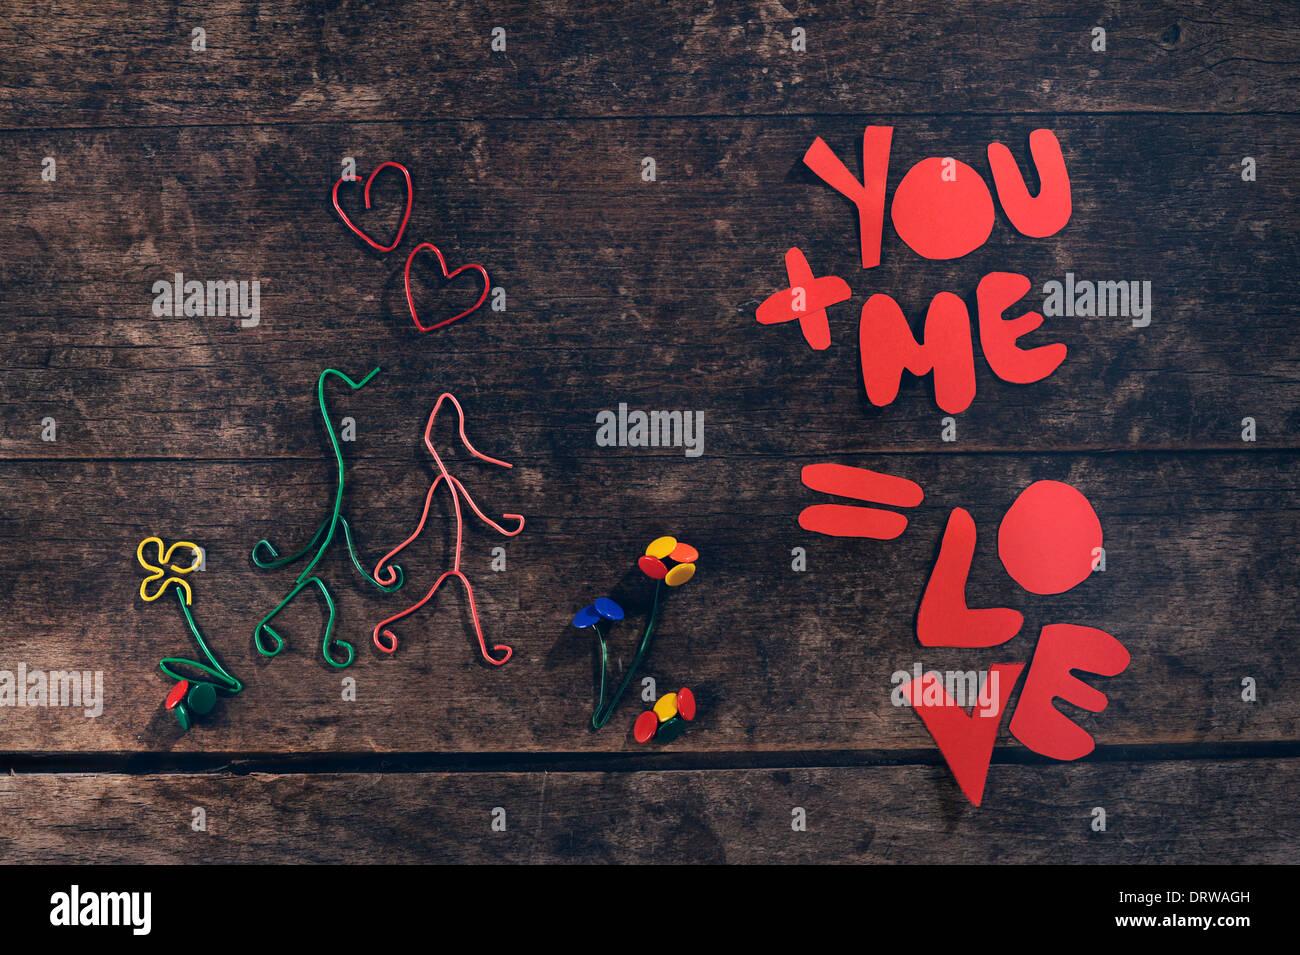 Kreative Liebesbotschaft. Paar Hand in Hand hergestellt aus Büroklammern und und Reißzwecken auf Vintage Holz-Hintergrund. Stockfoto